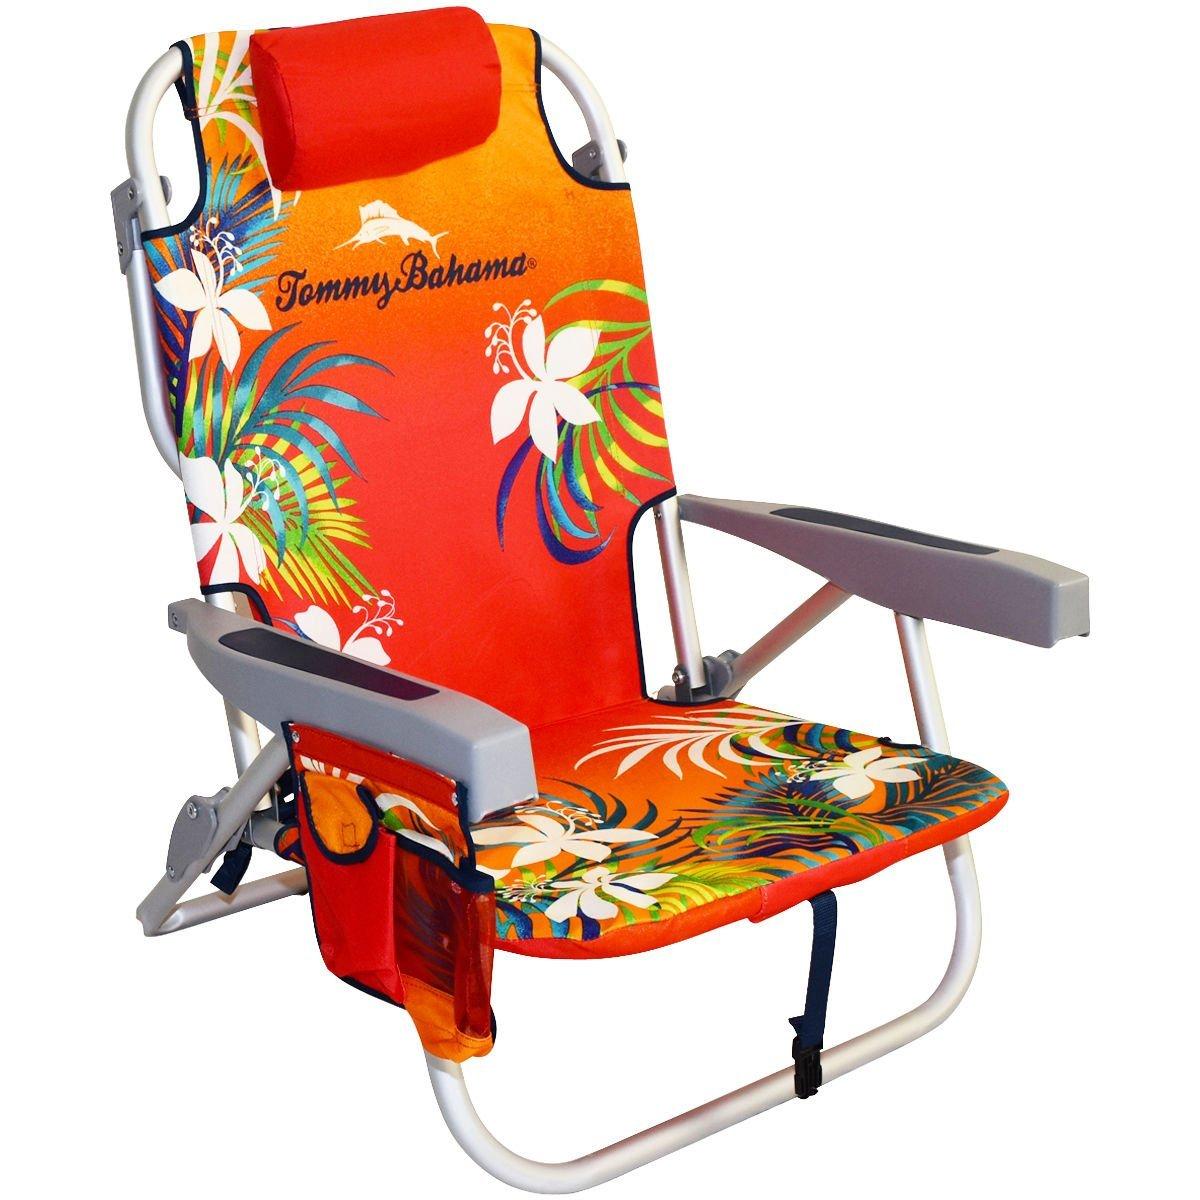 Tommy Bahama Heavy Duty Beach Chair Review Best Heavy Duty Stuff